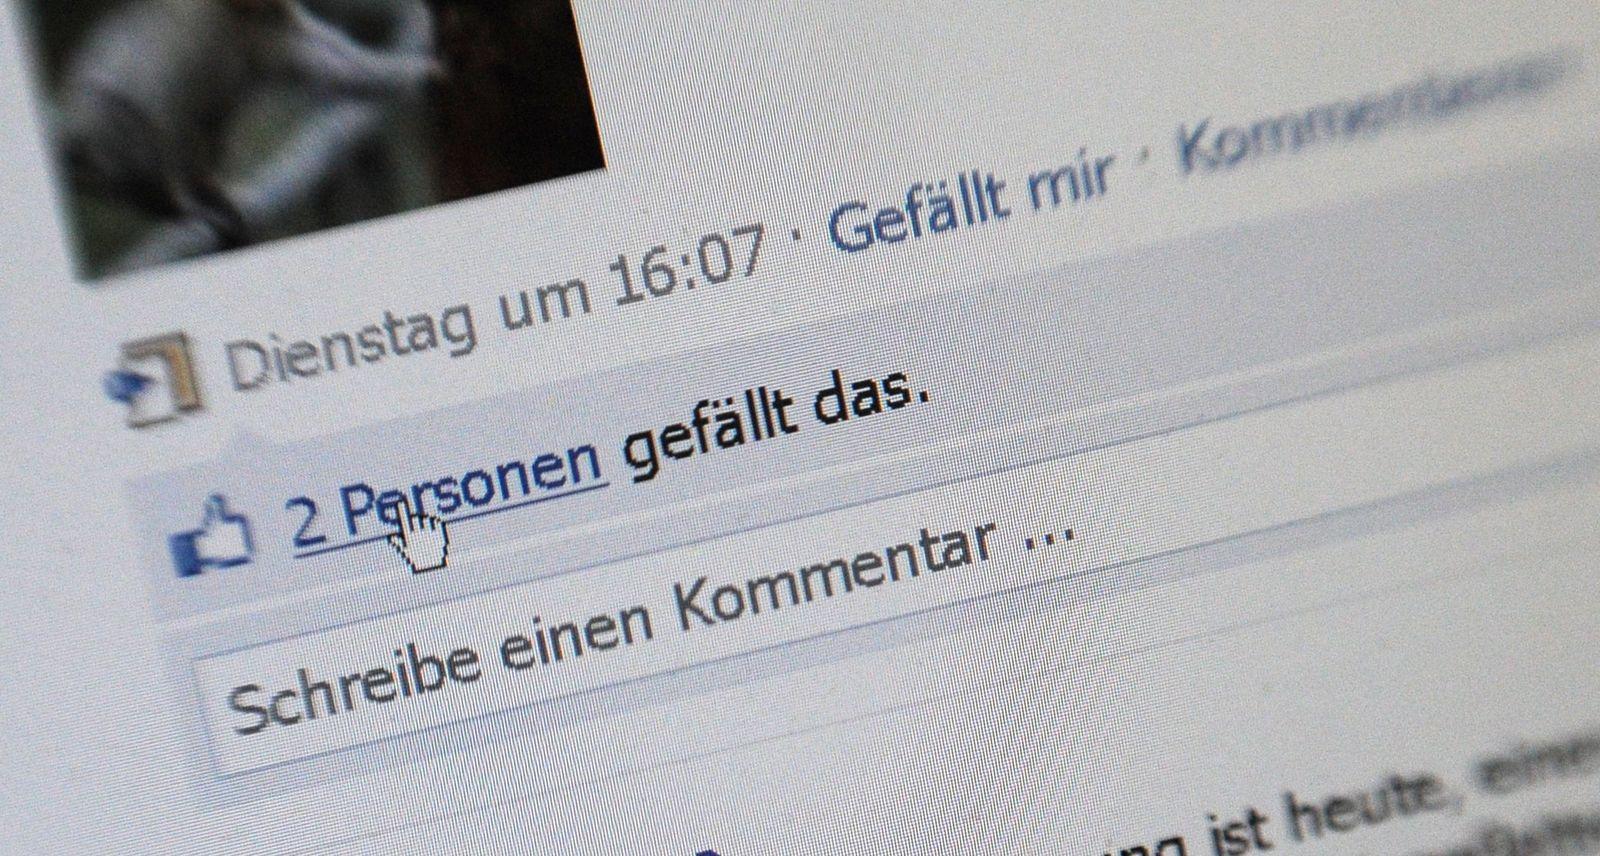 Datenschützer erhebt schwere Vorwürfe gegen Facebook